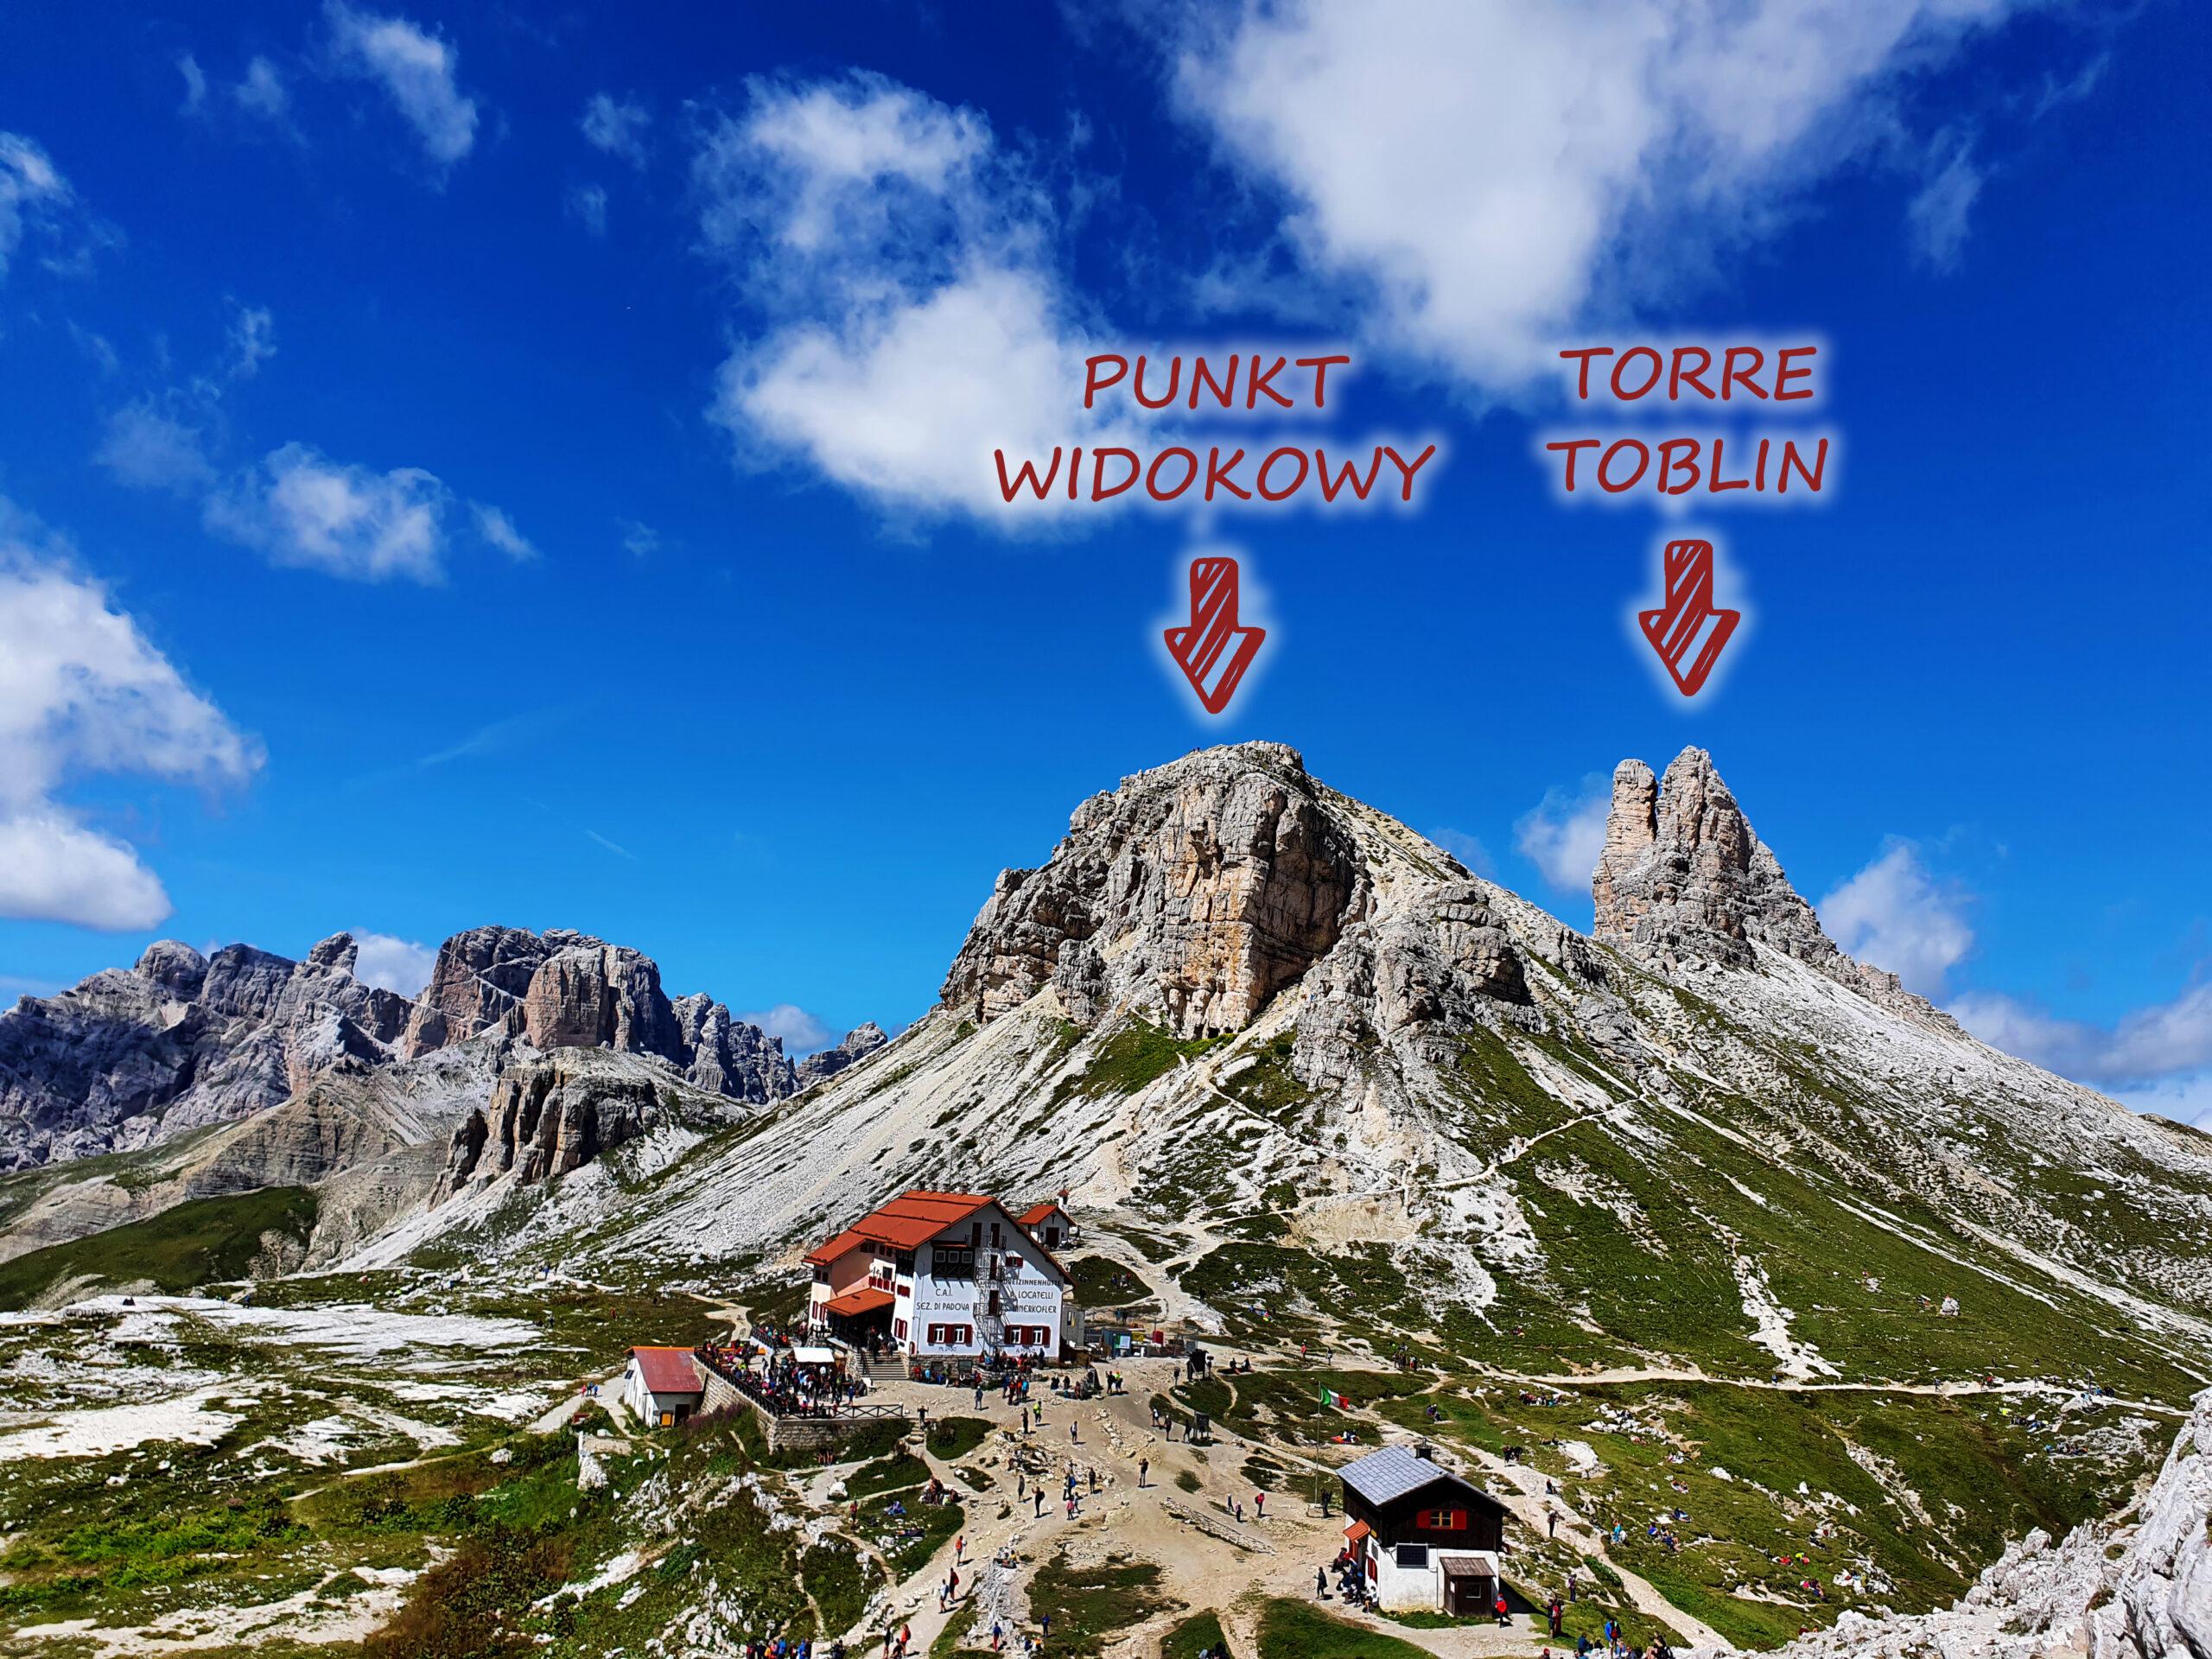 torre-toblin-dolomity